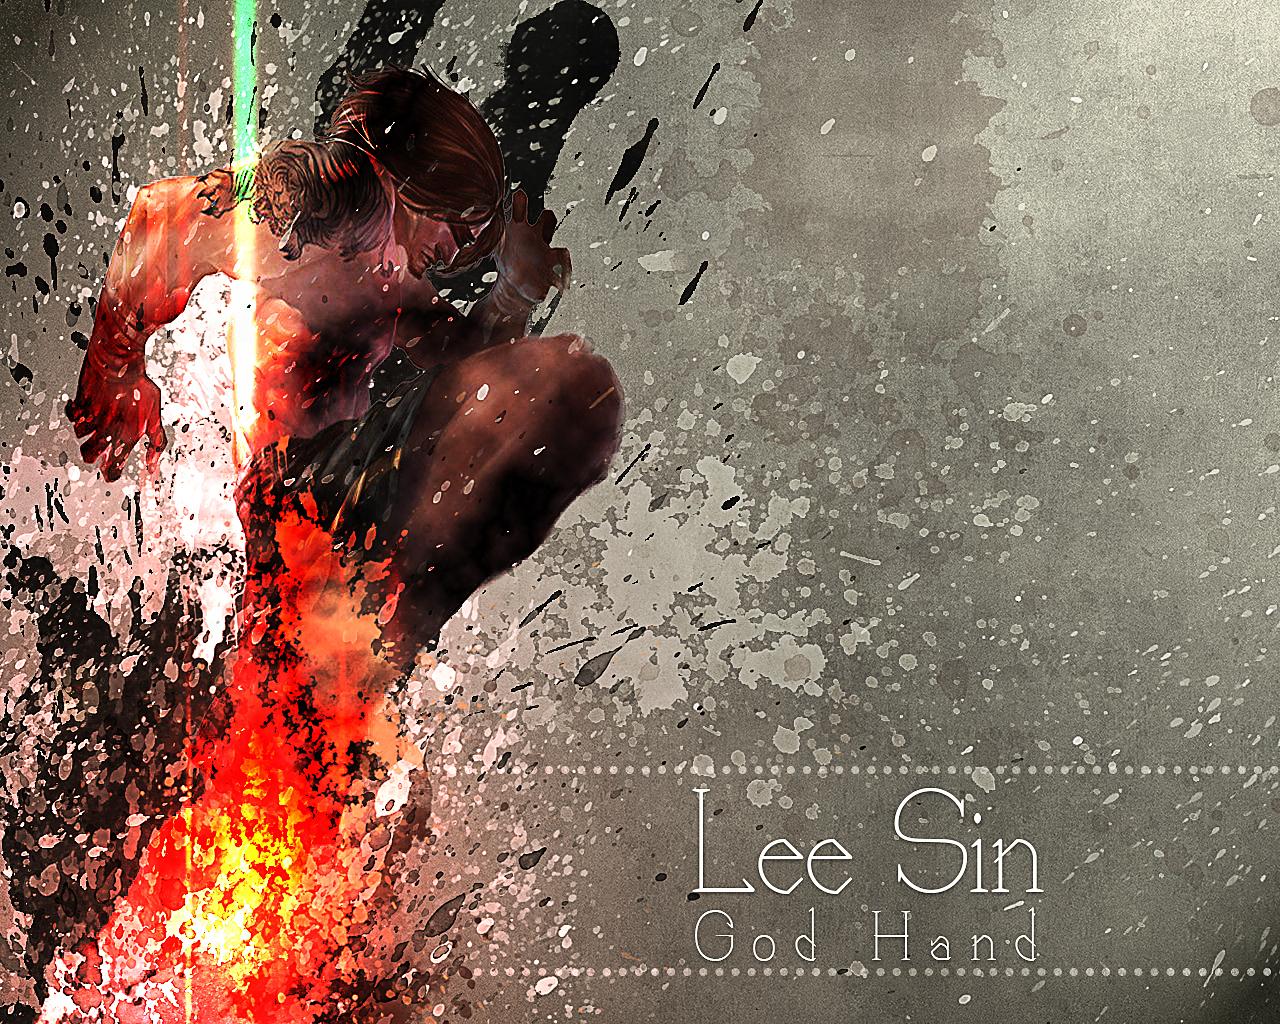 Lee Sin League Of Legends By Mex8 On Deviantart